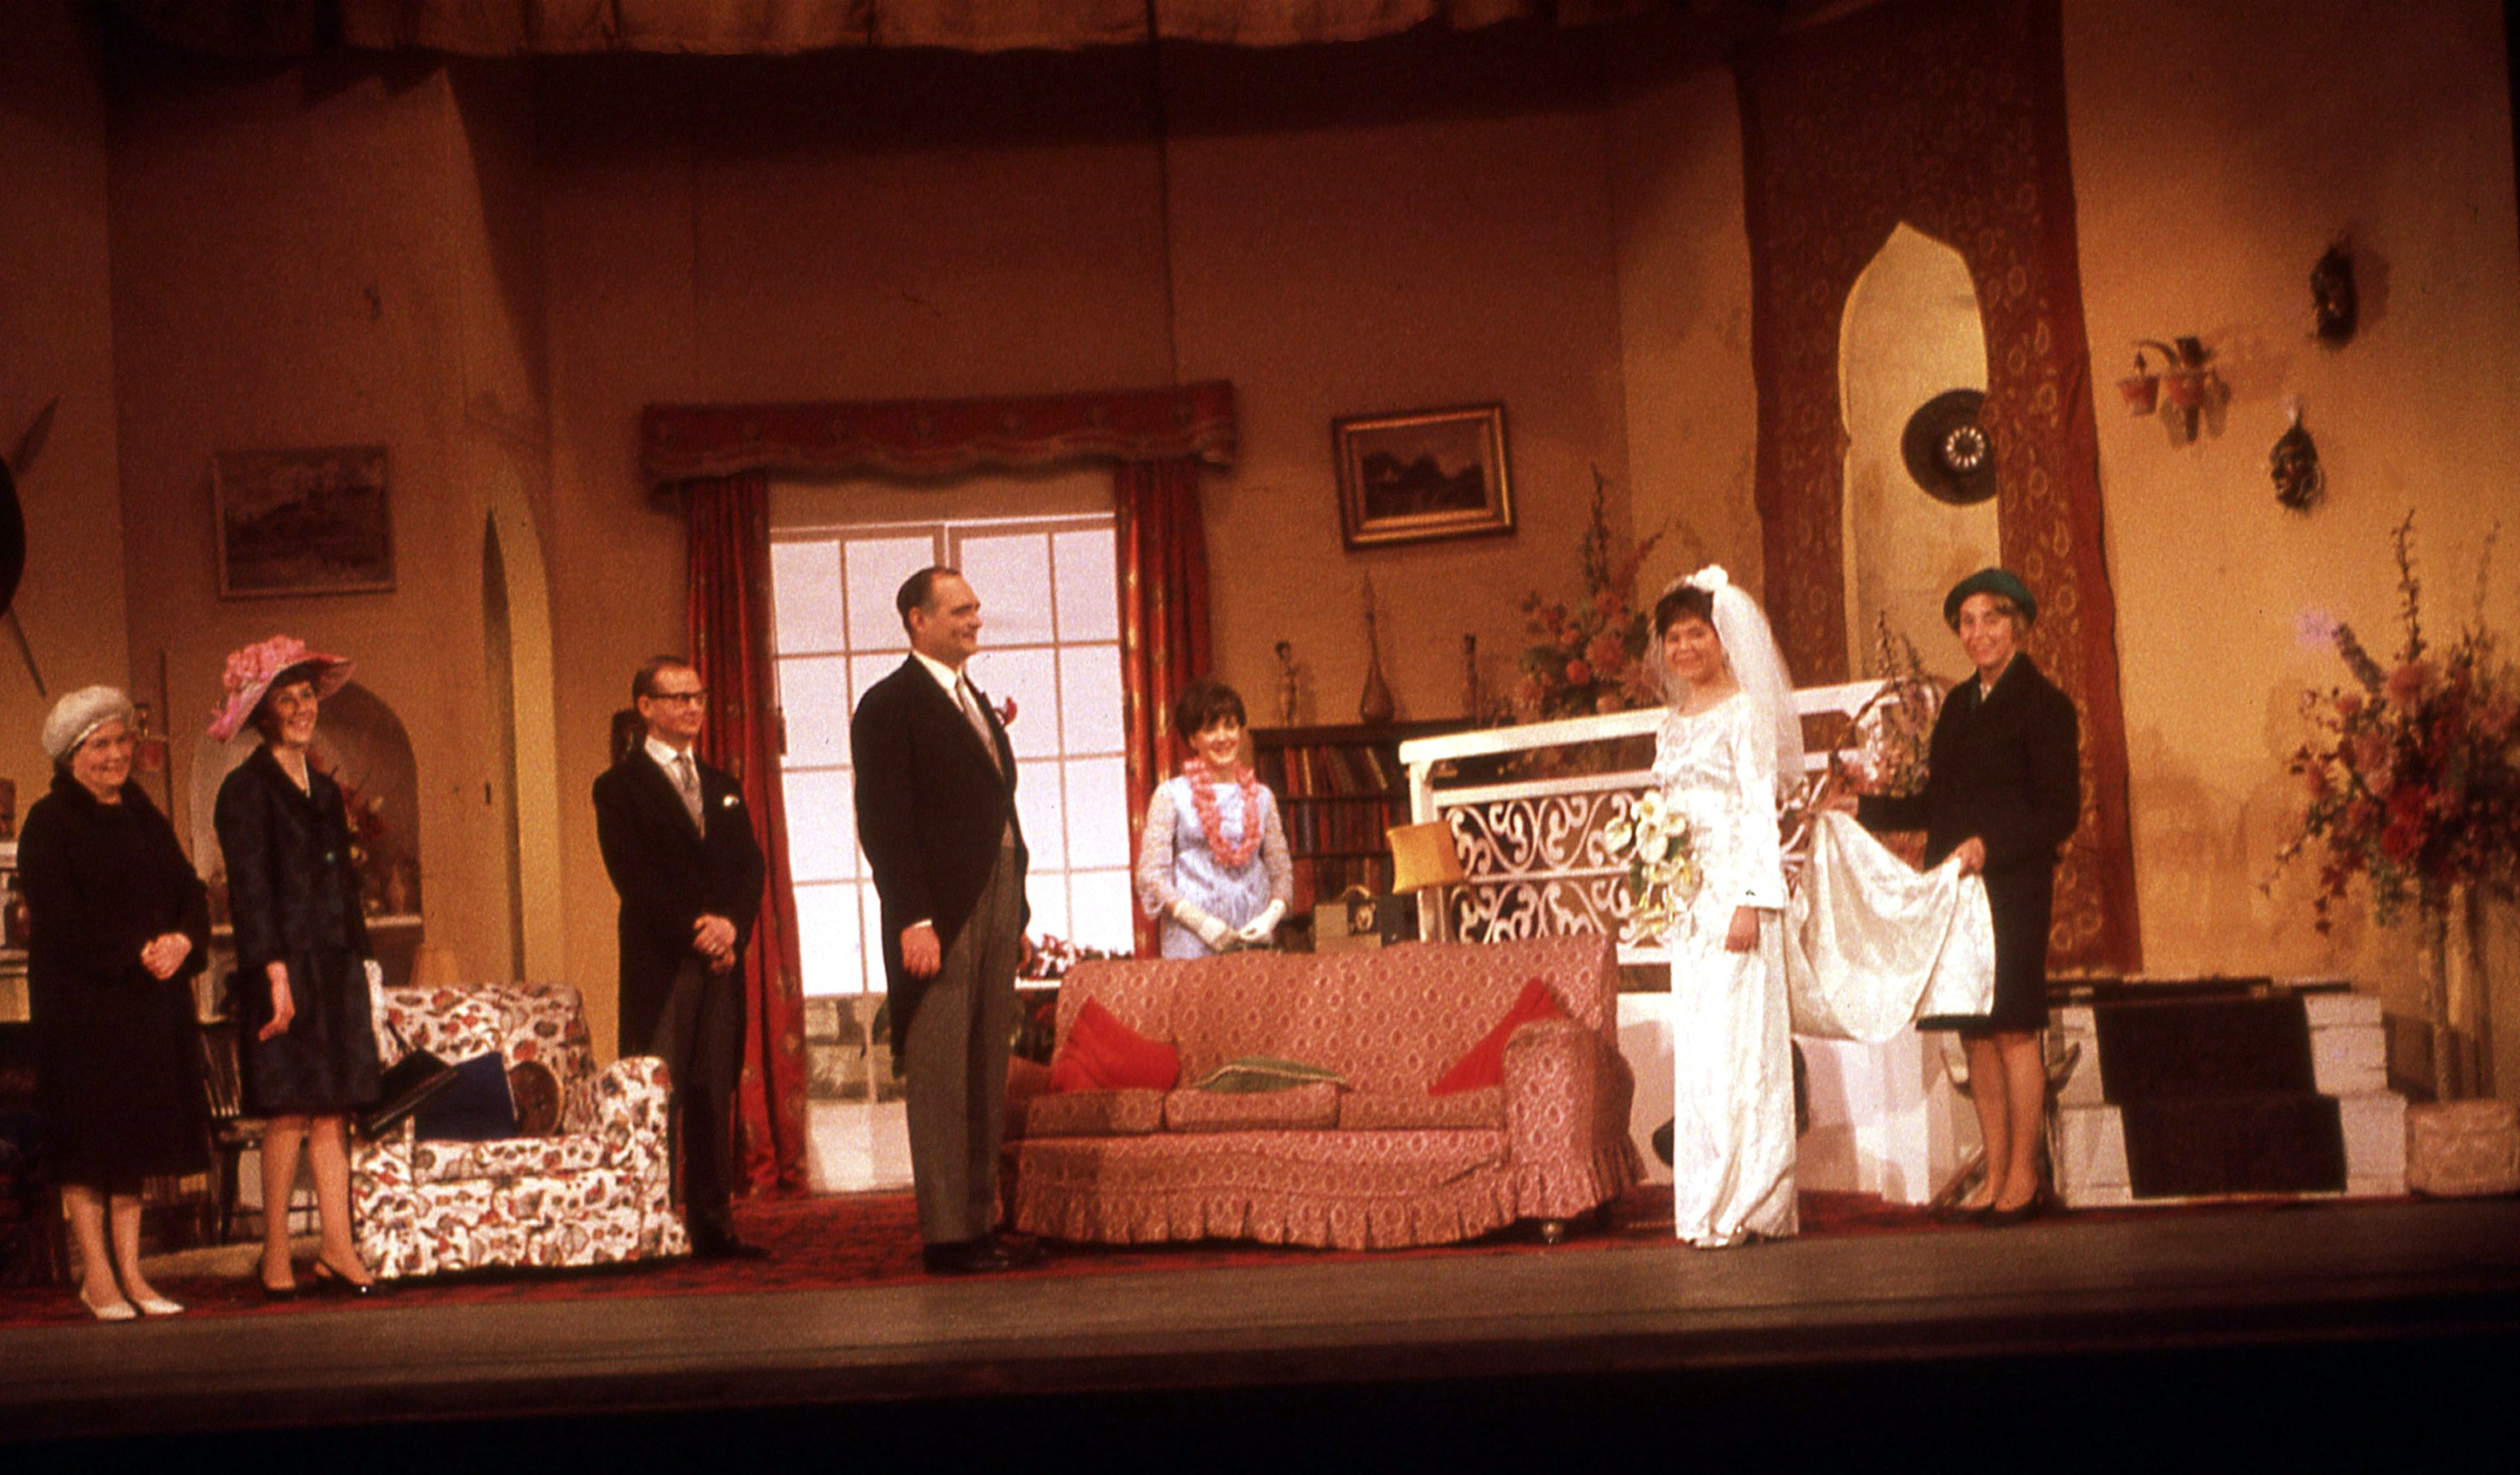 Bride and Bachelor 1968 1